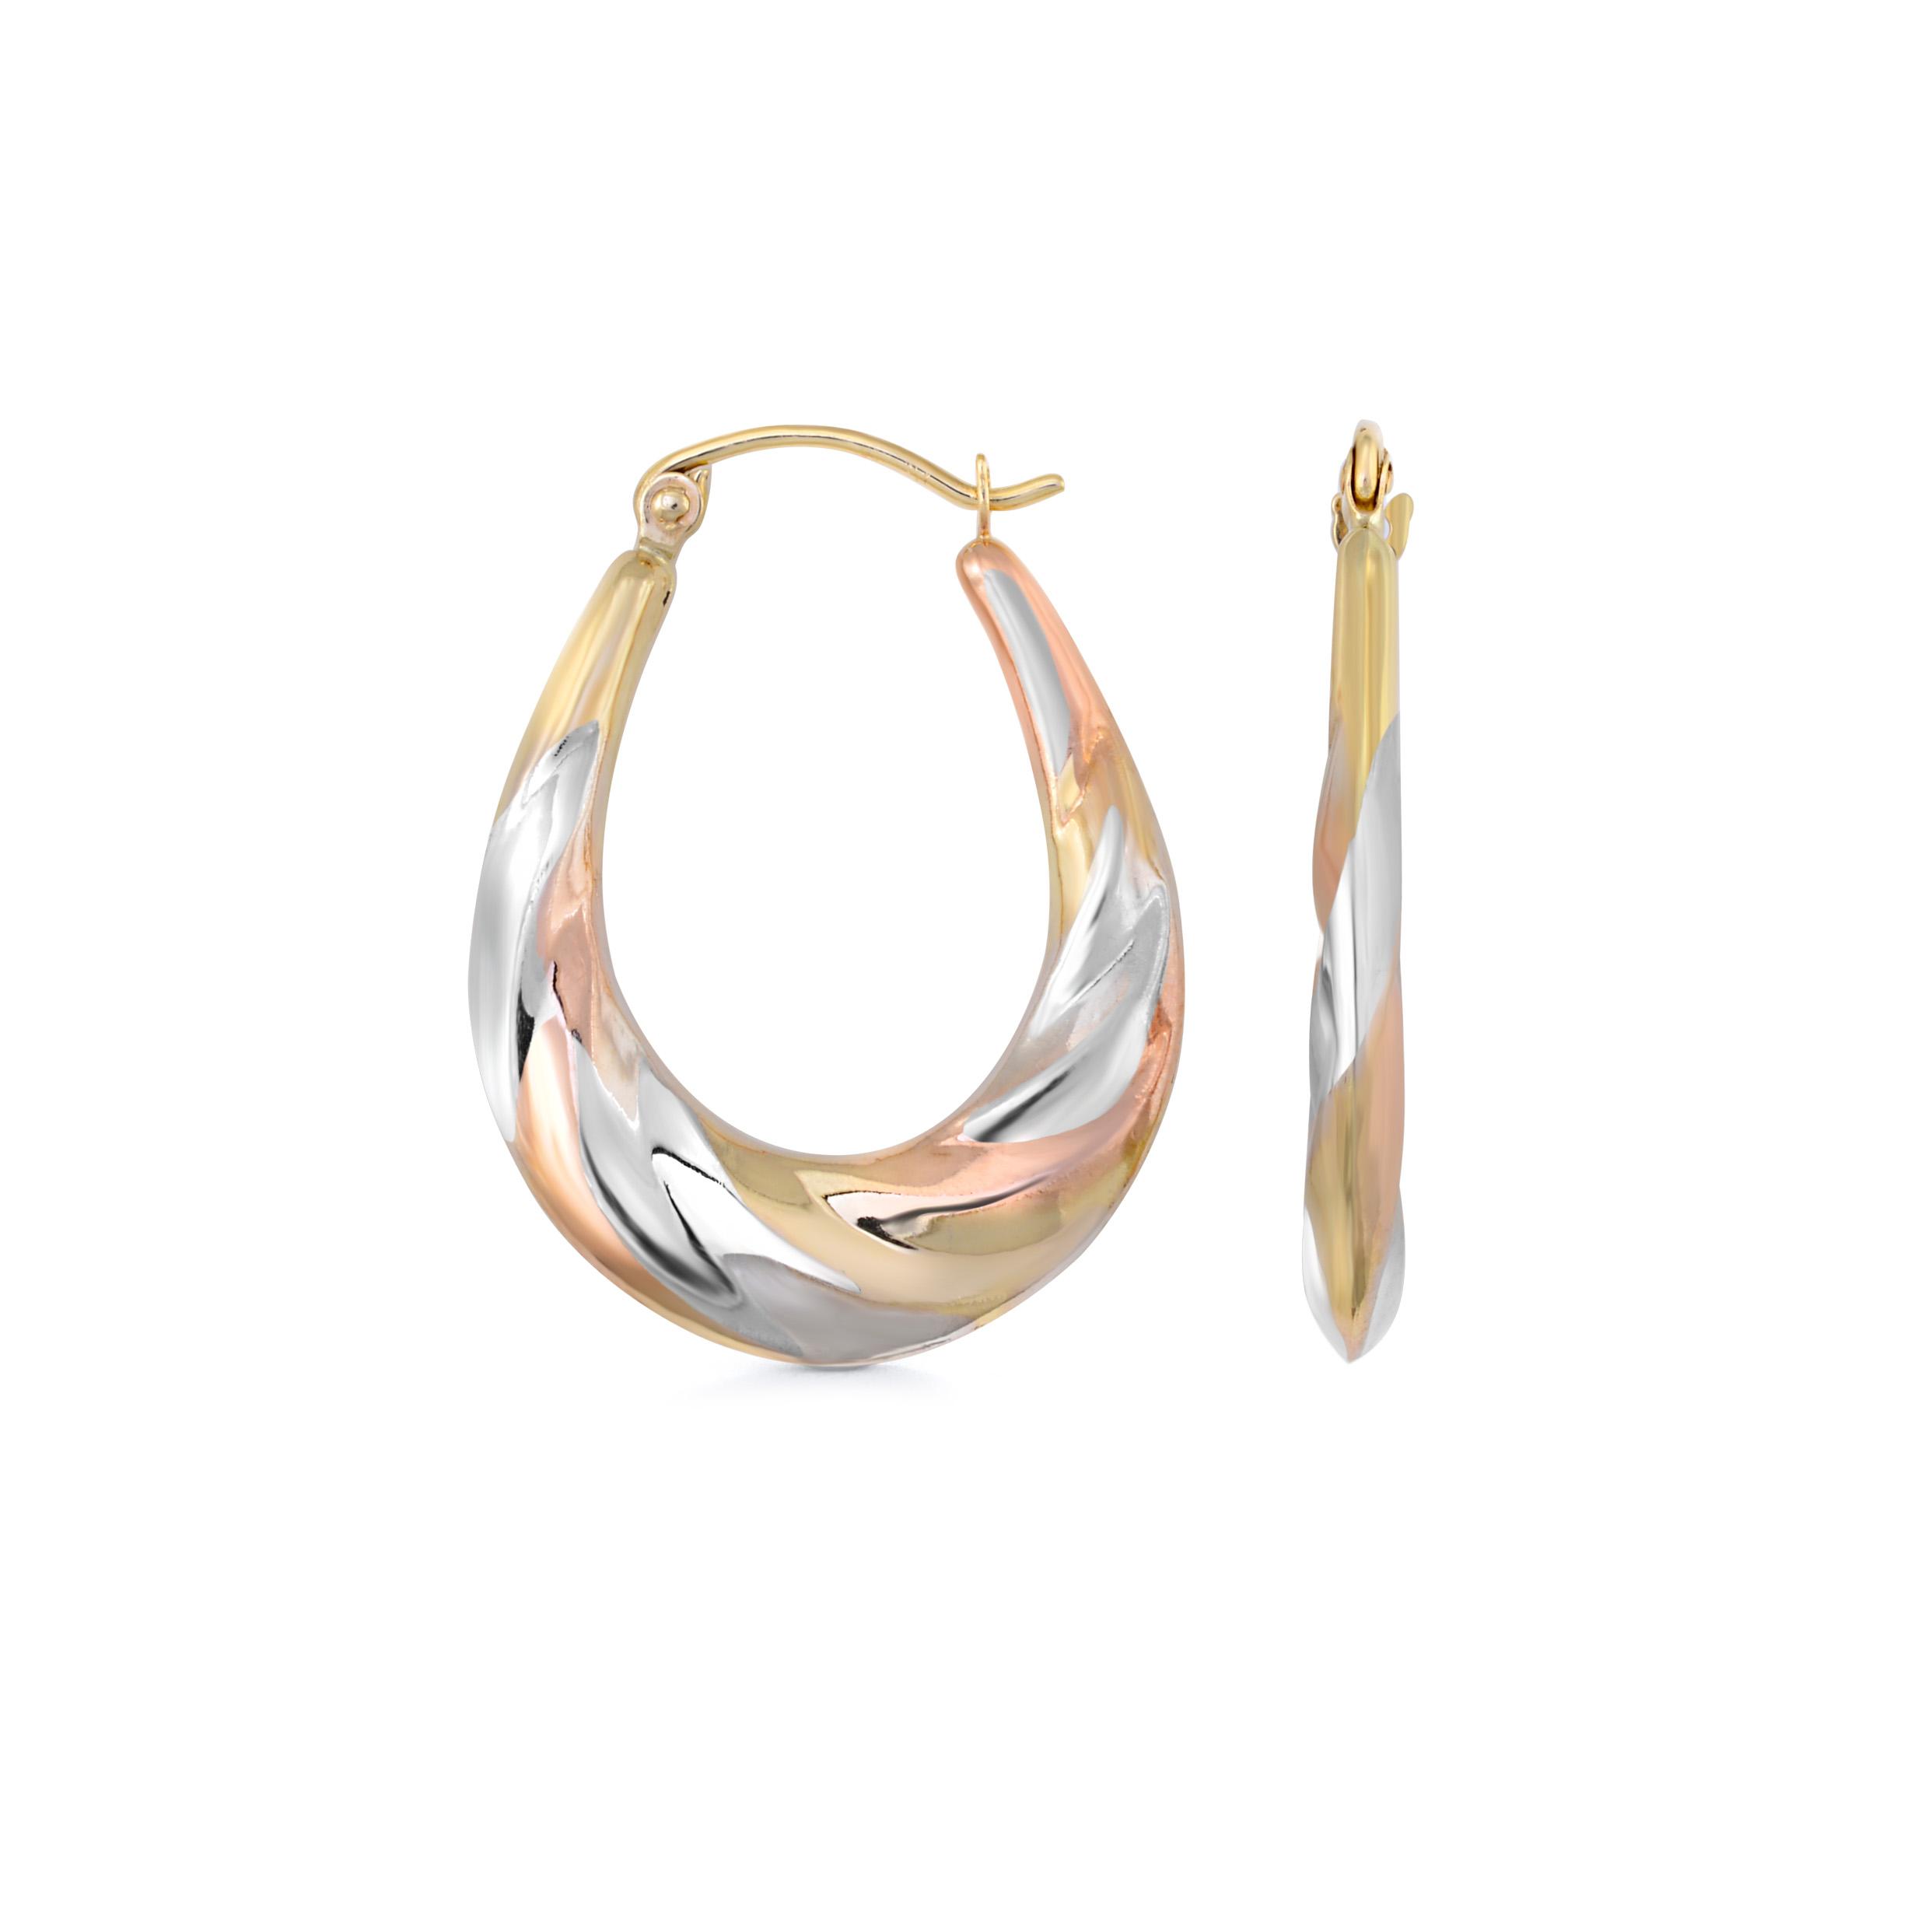 Boucles d'oreilles anneaux ovales - Or 3-tons 10K (jaune blanc et rose)